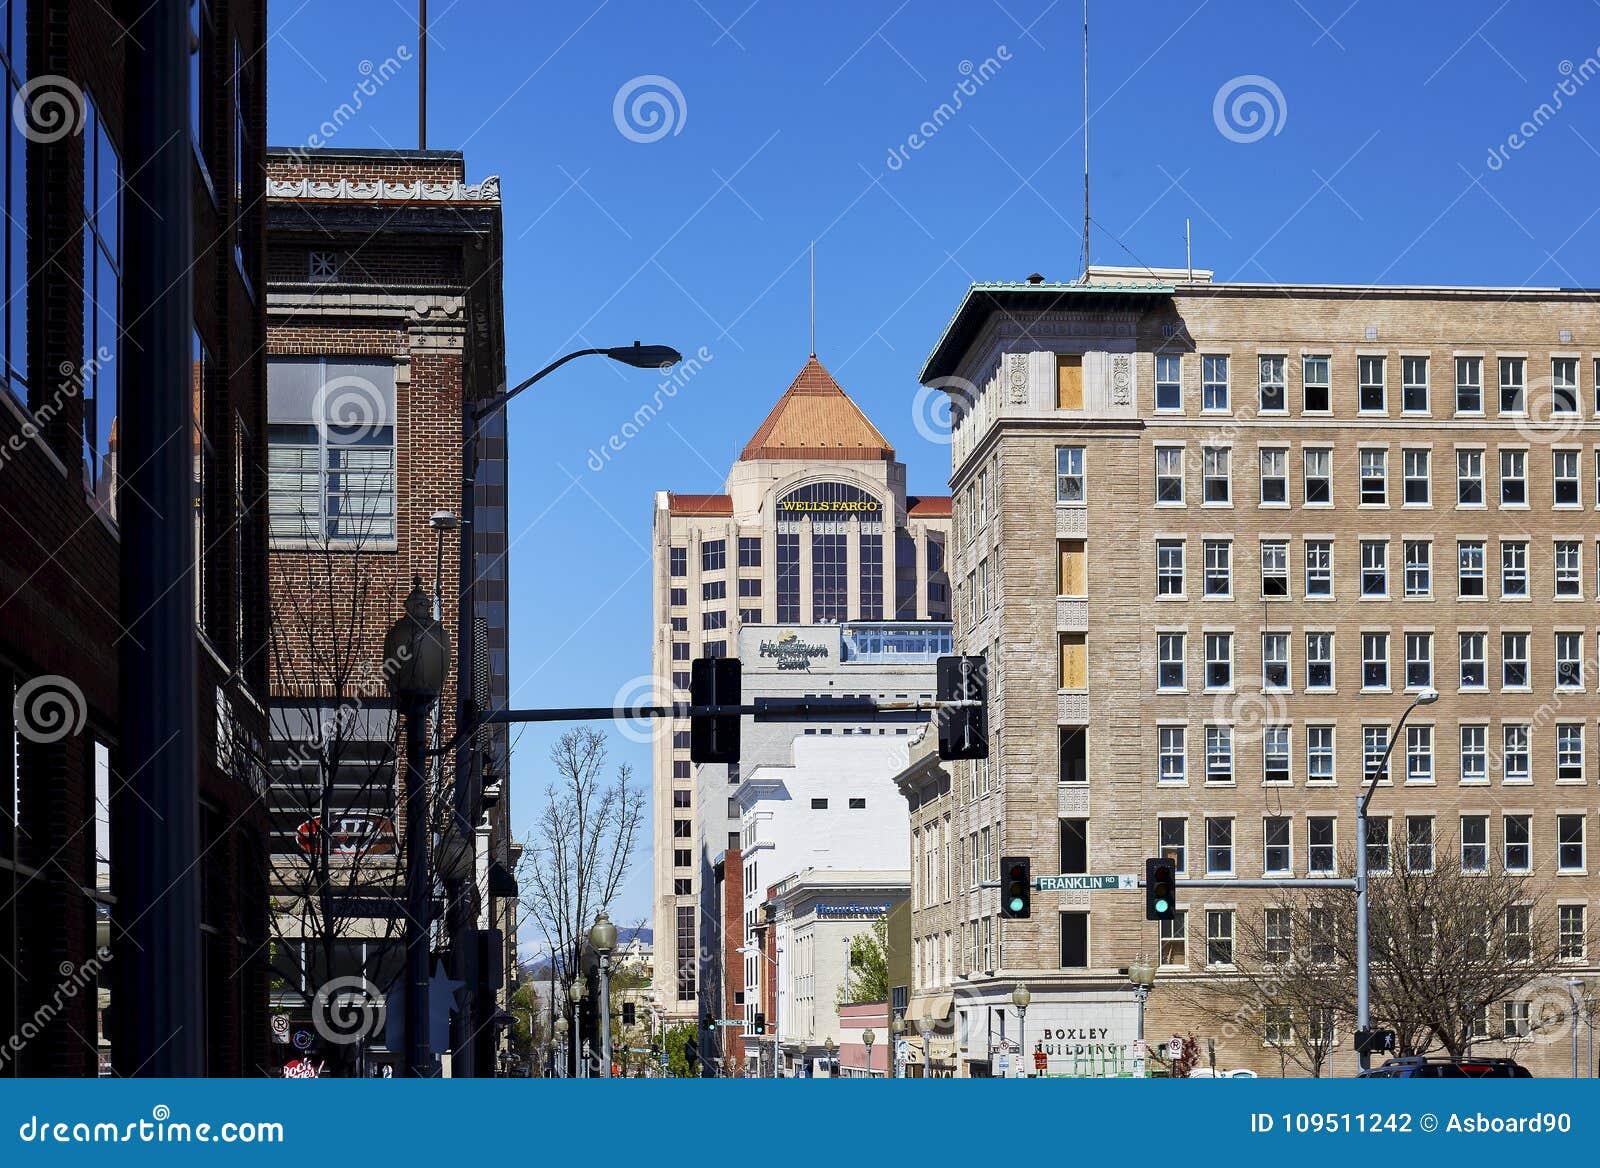 Edificio y alrededores, Roanoke, Virginia de Boxley